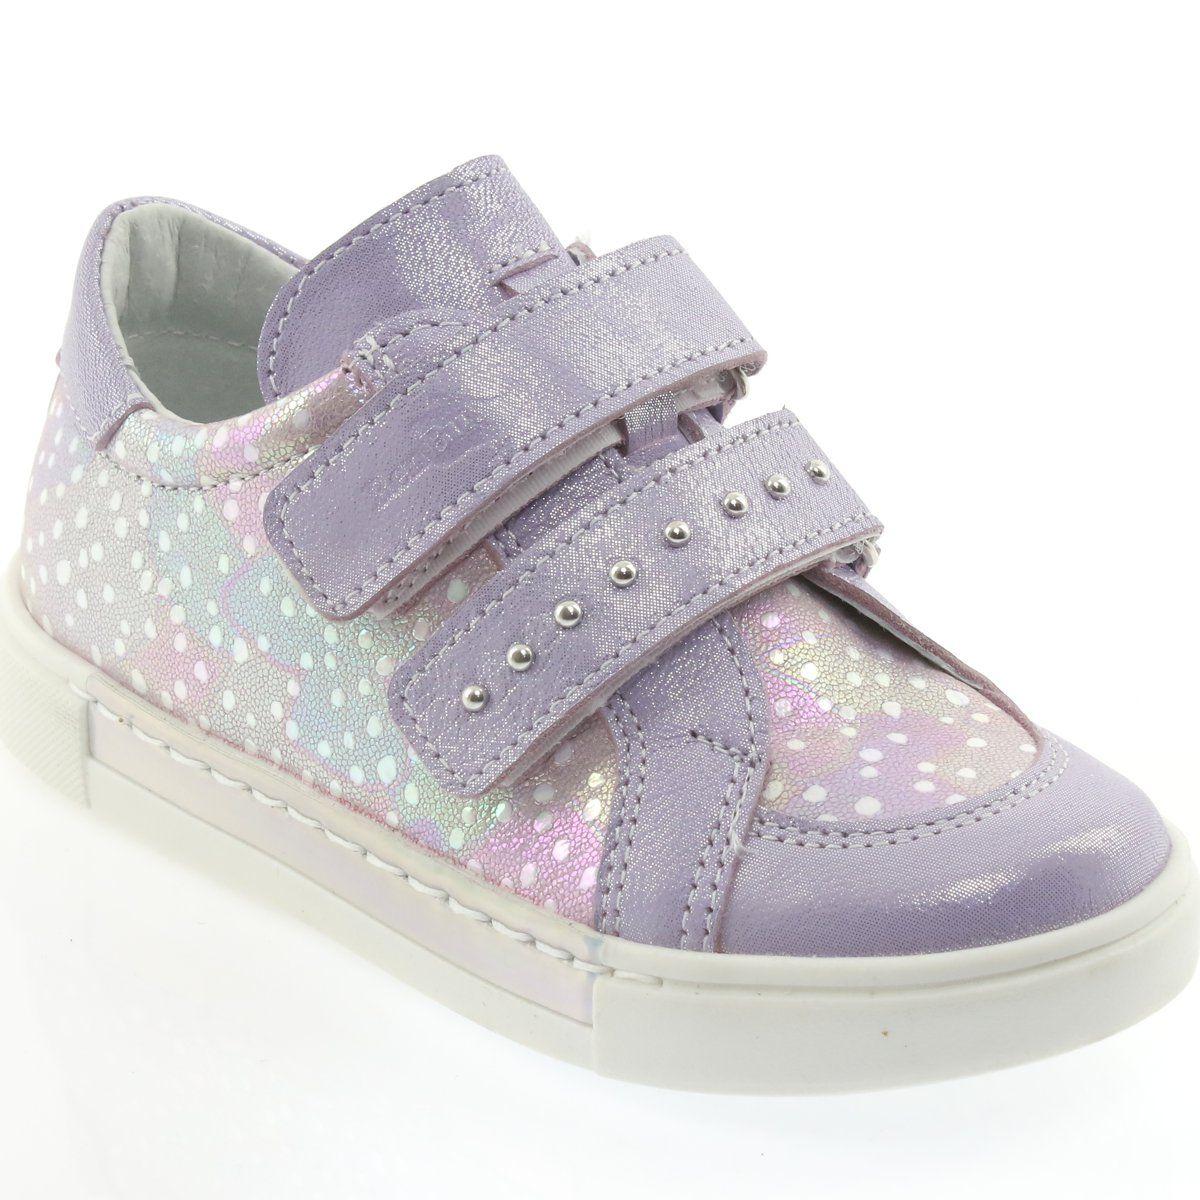 Polbuty I Trzewiki Dzieciece Dla Dzieci Renbut Polbuty Na Rzepy Ren But 3229 Jasny Fiolet Childrens Shoes Kid Shoes Purple